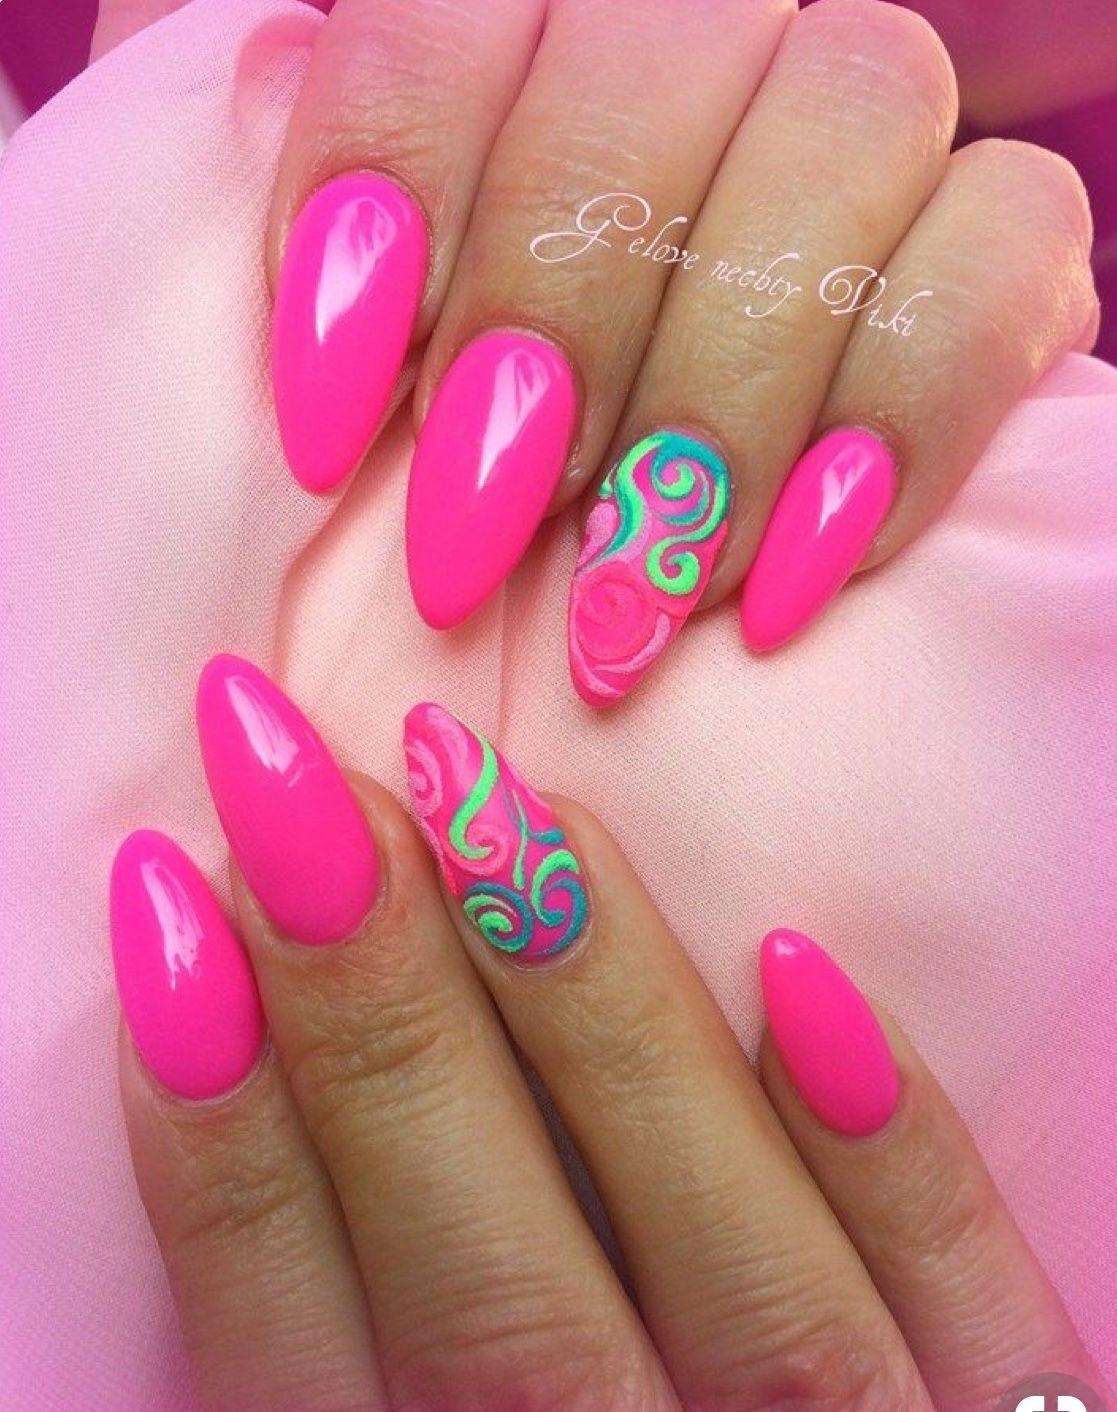 Pin By Jarmila Mikusova On Color Nails Nechtovy Dizajn Neonove Nechty Napady Na Nechty